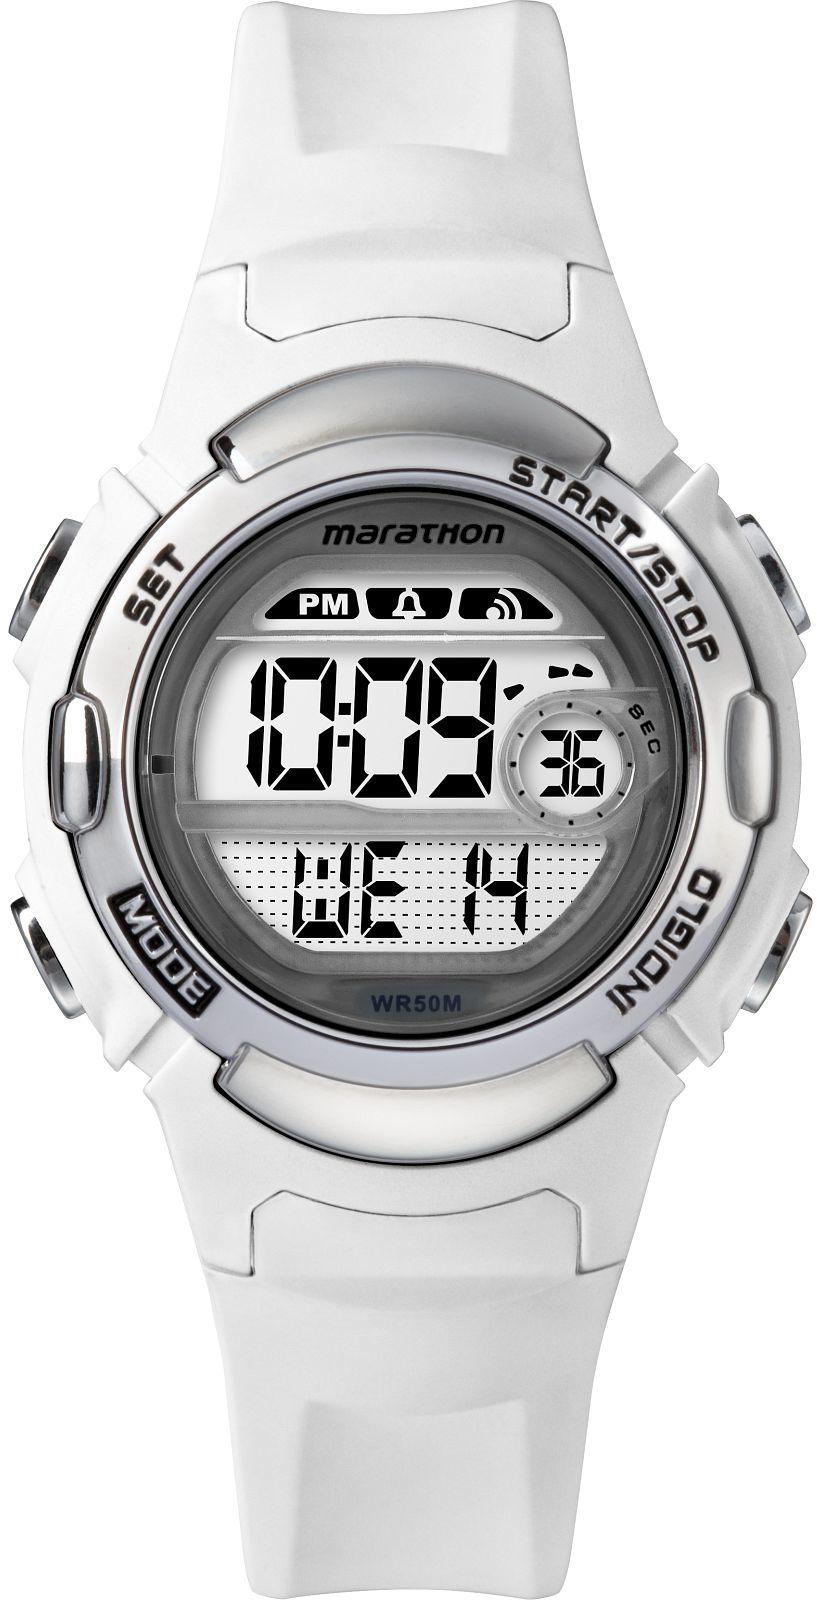 Timex TW5M15100 > Wysyłka tego samego dnia Grawer 0zł Darmowa dostawa Kurierem/Inpost Darmowy zwrot przez 100 DNI